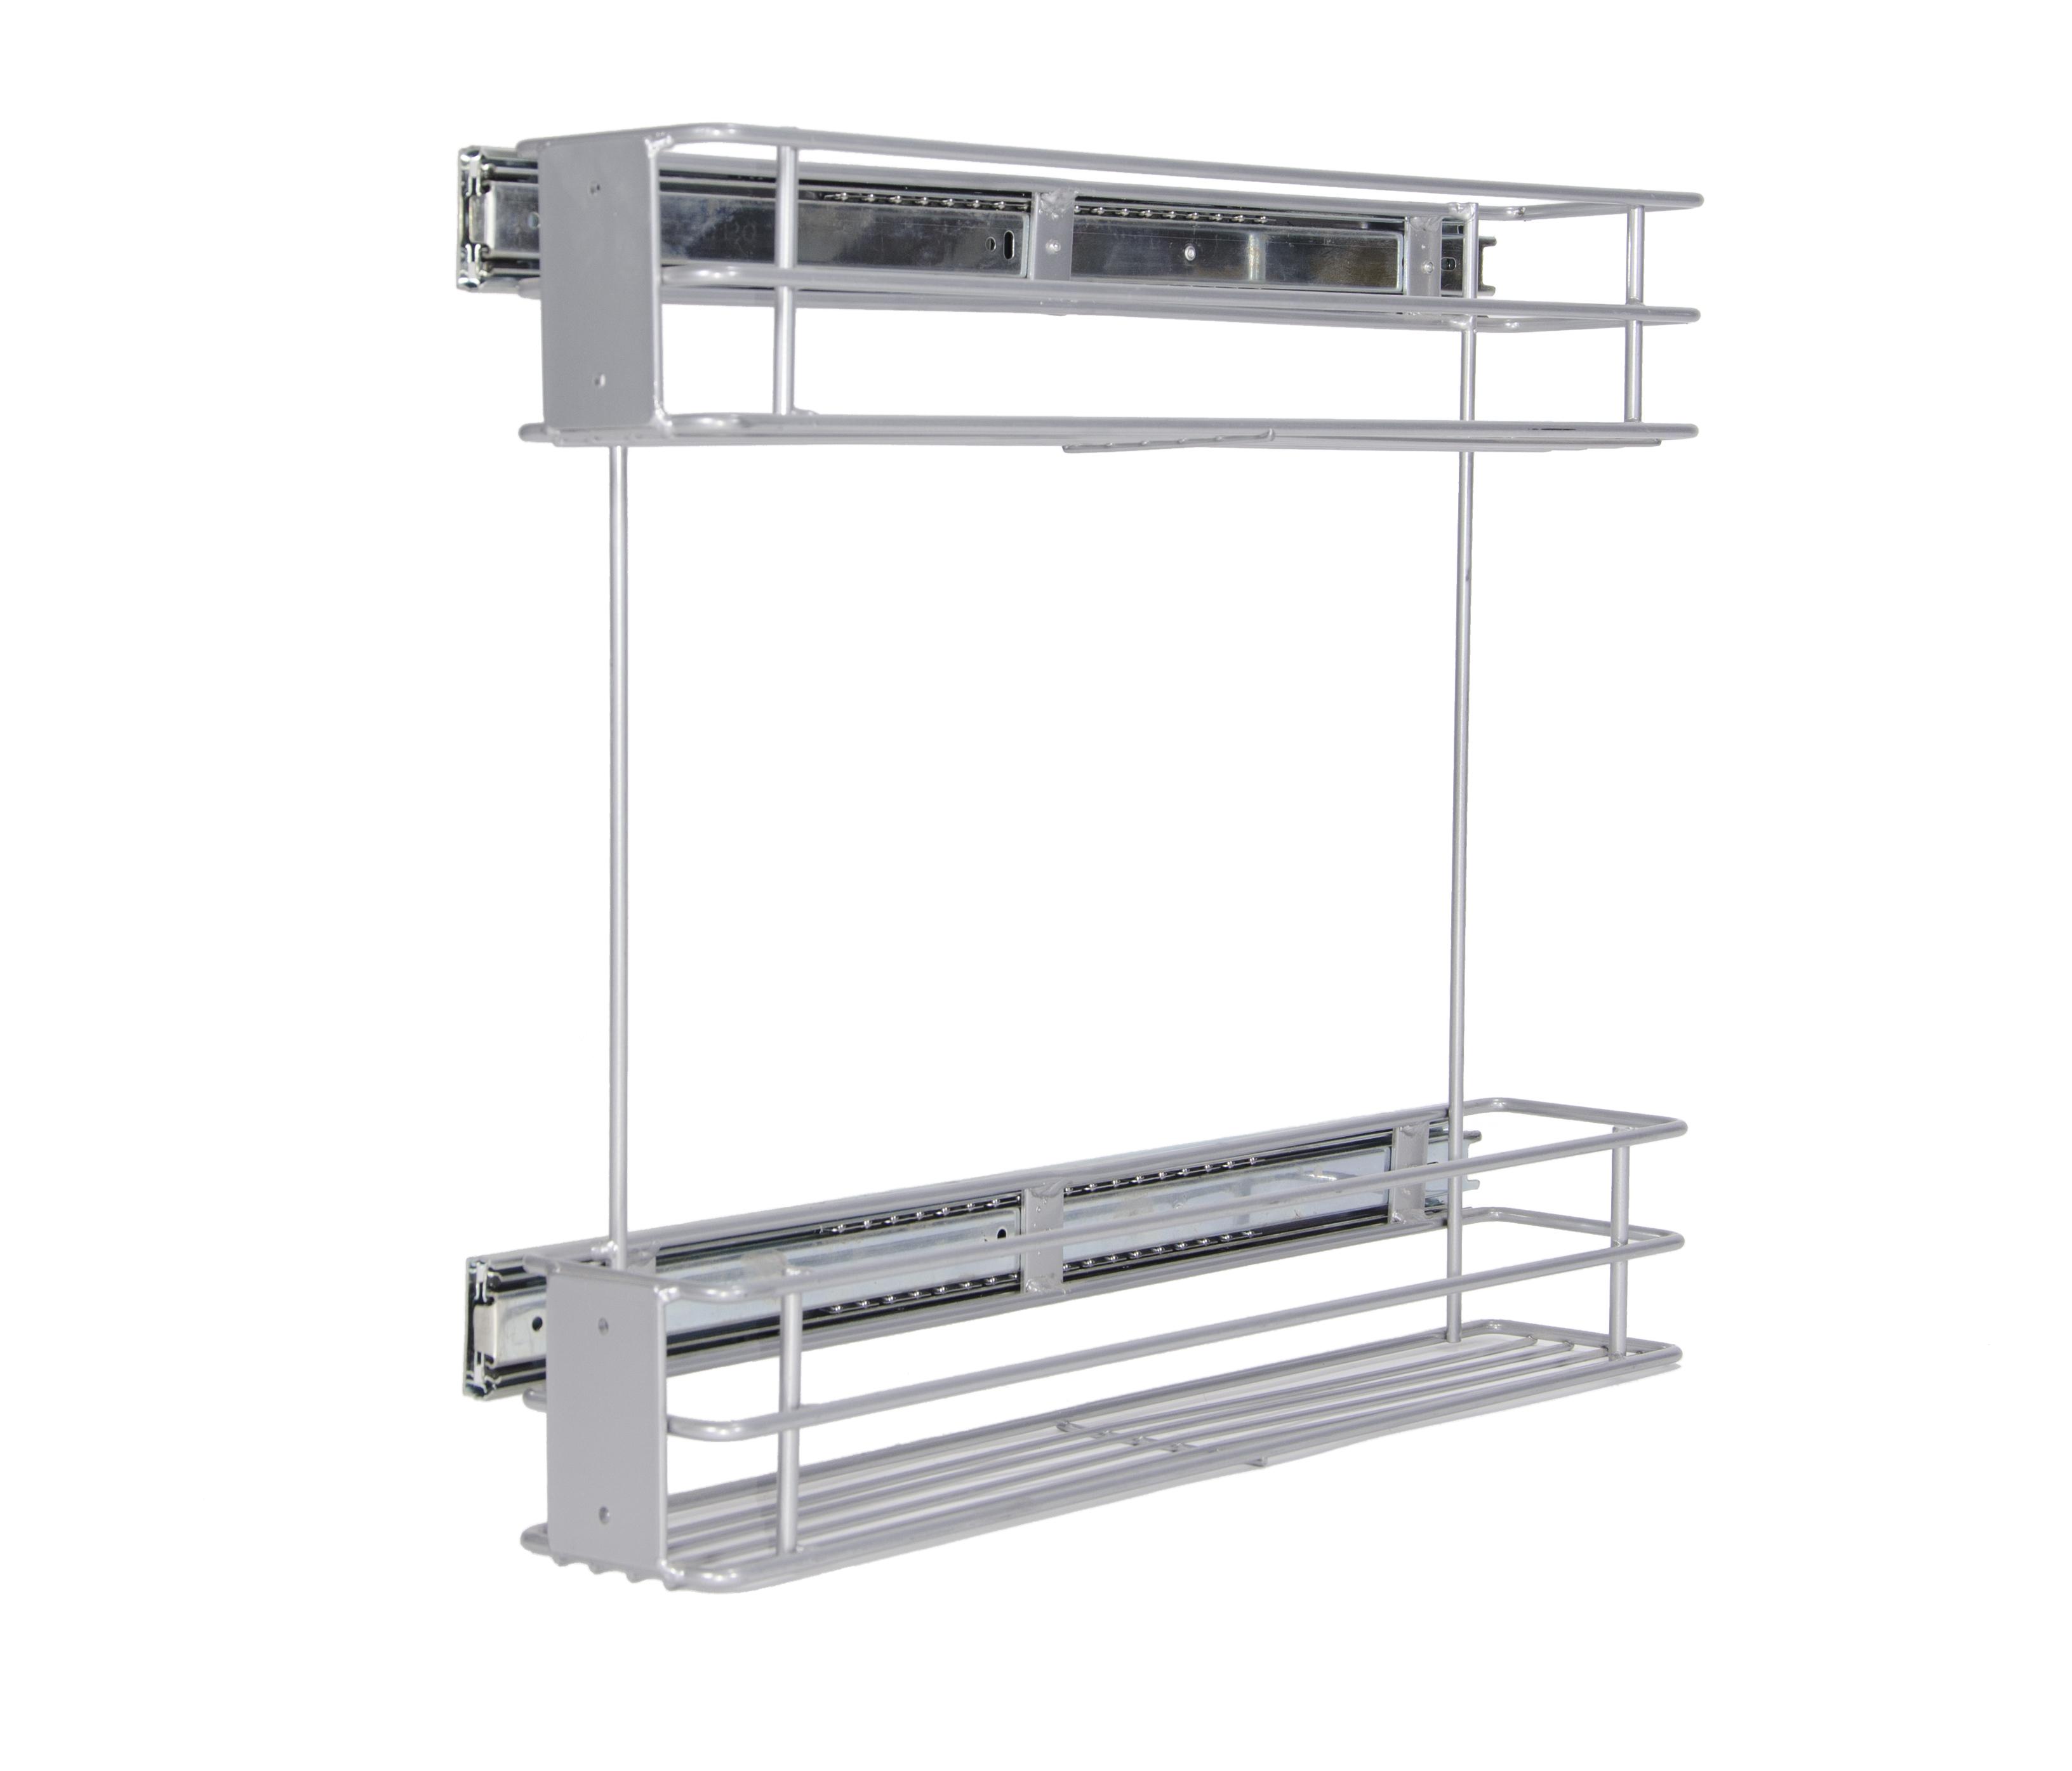 Accesorios extraibles para muebles de cocina - Herrajes para muebles cocina ...